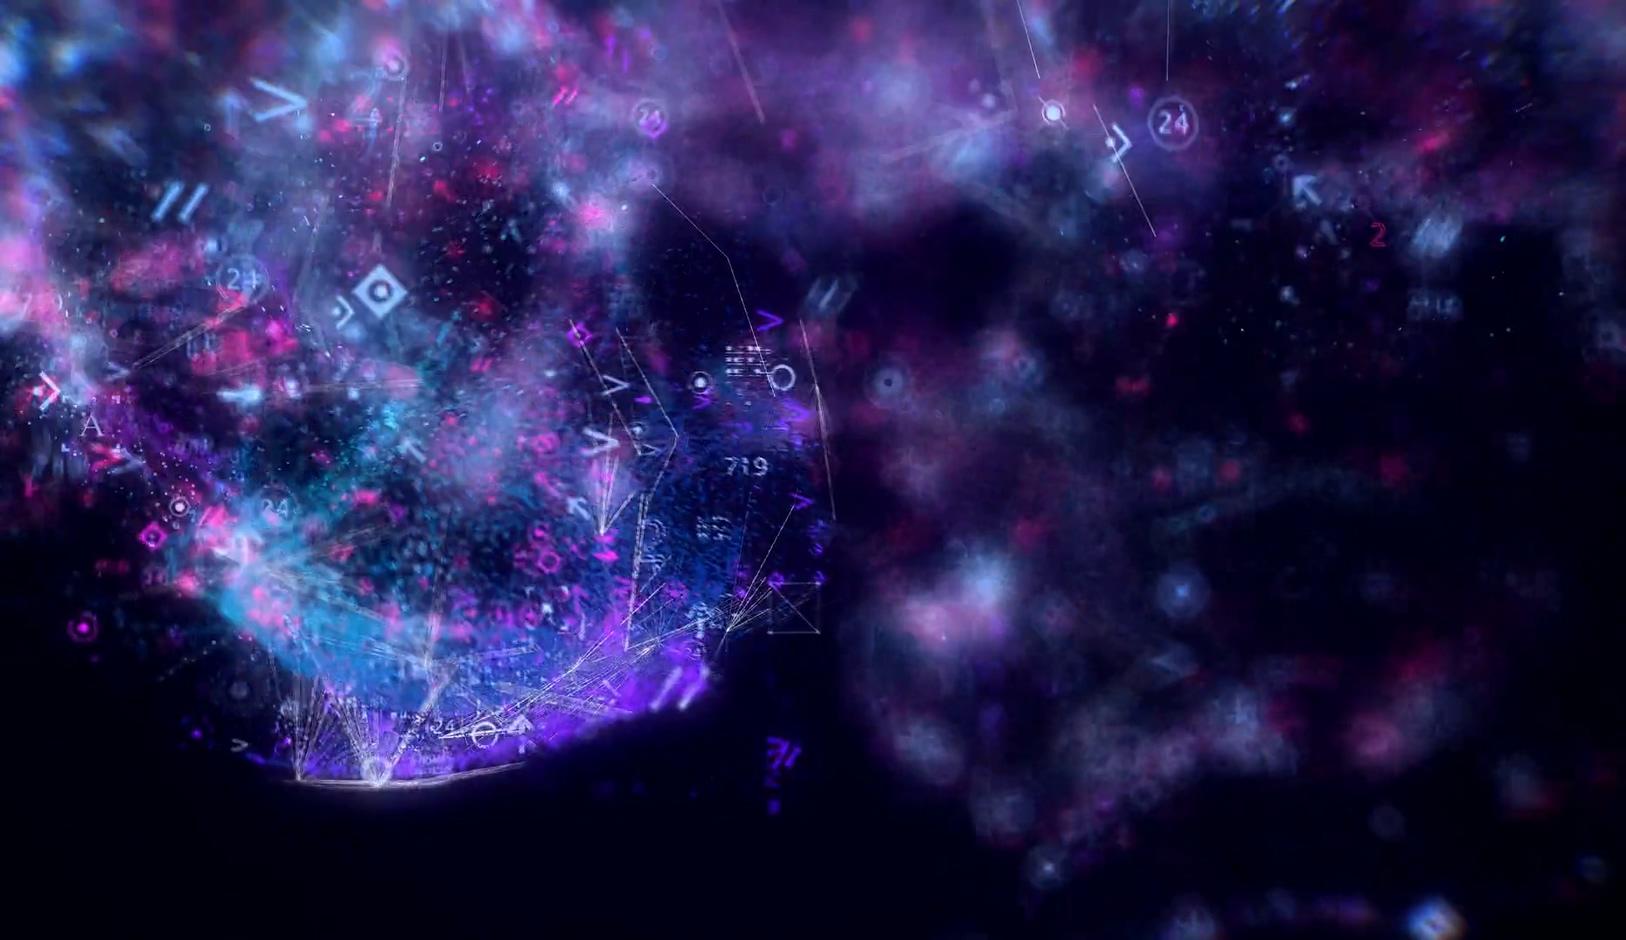 梦幻粒子紫色羽毛唯美粒子流体光线性感时尚